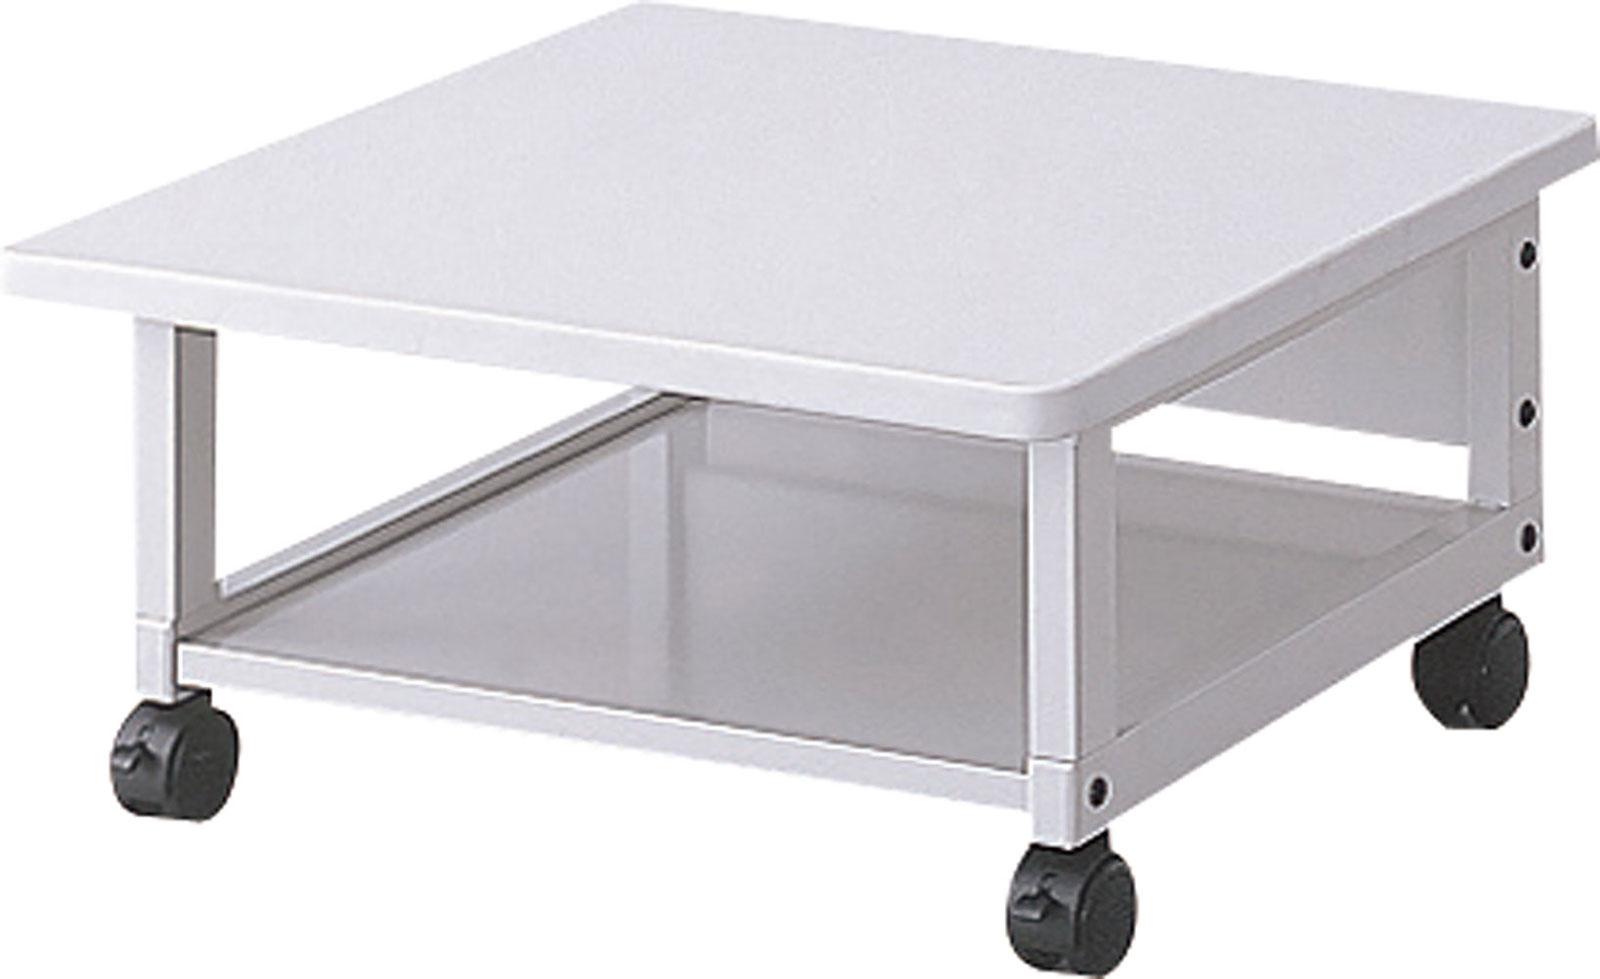 レーザープリンタテーブル デスクキャビネット デスクワゴン オフィスキャビネット オフィスワゴン サイドテーブル サイドキャビネット サイドワゴン スチール ロック式キャスター付き PTL-202N